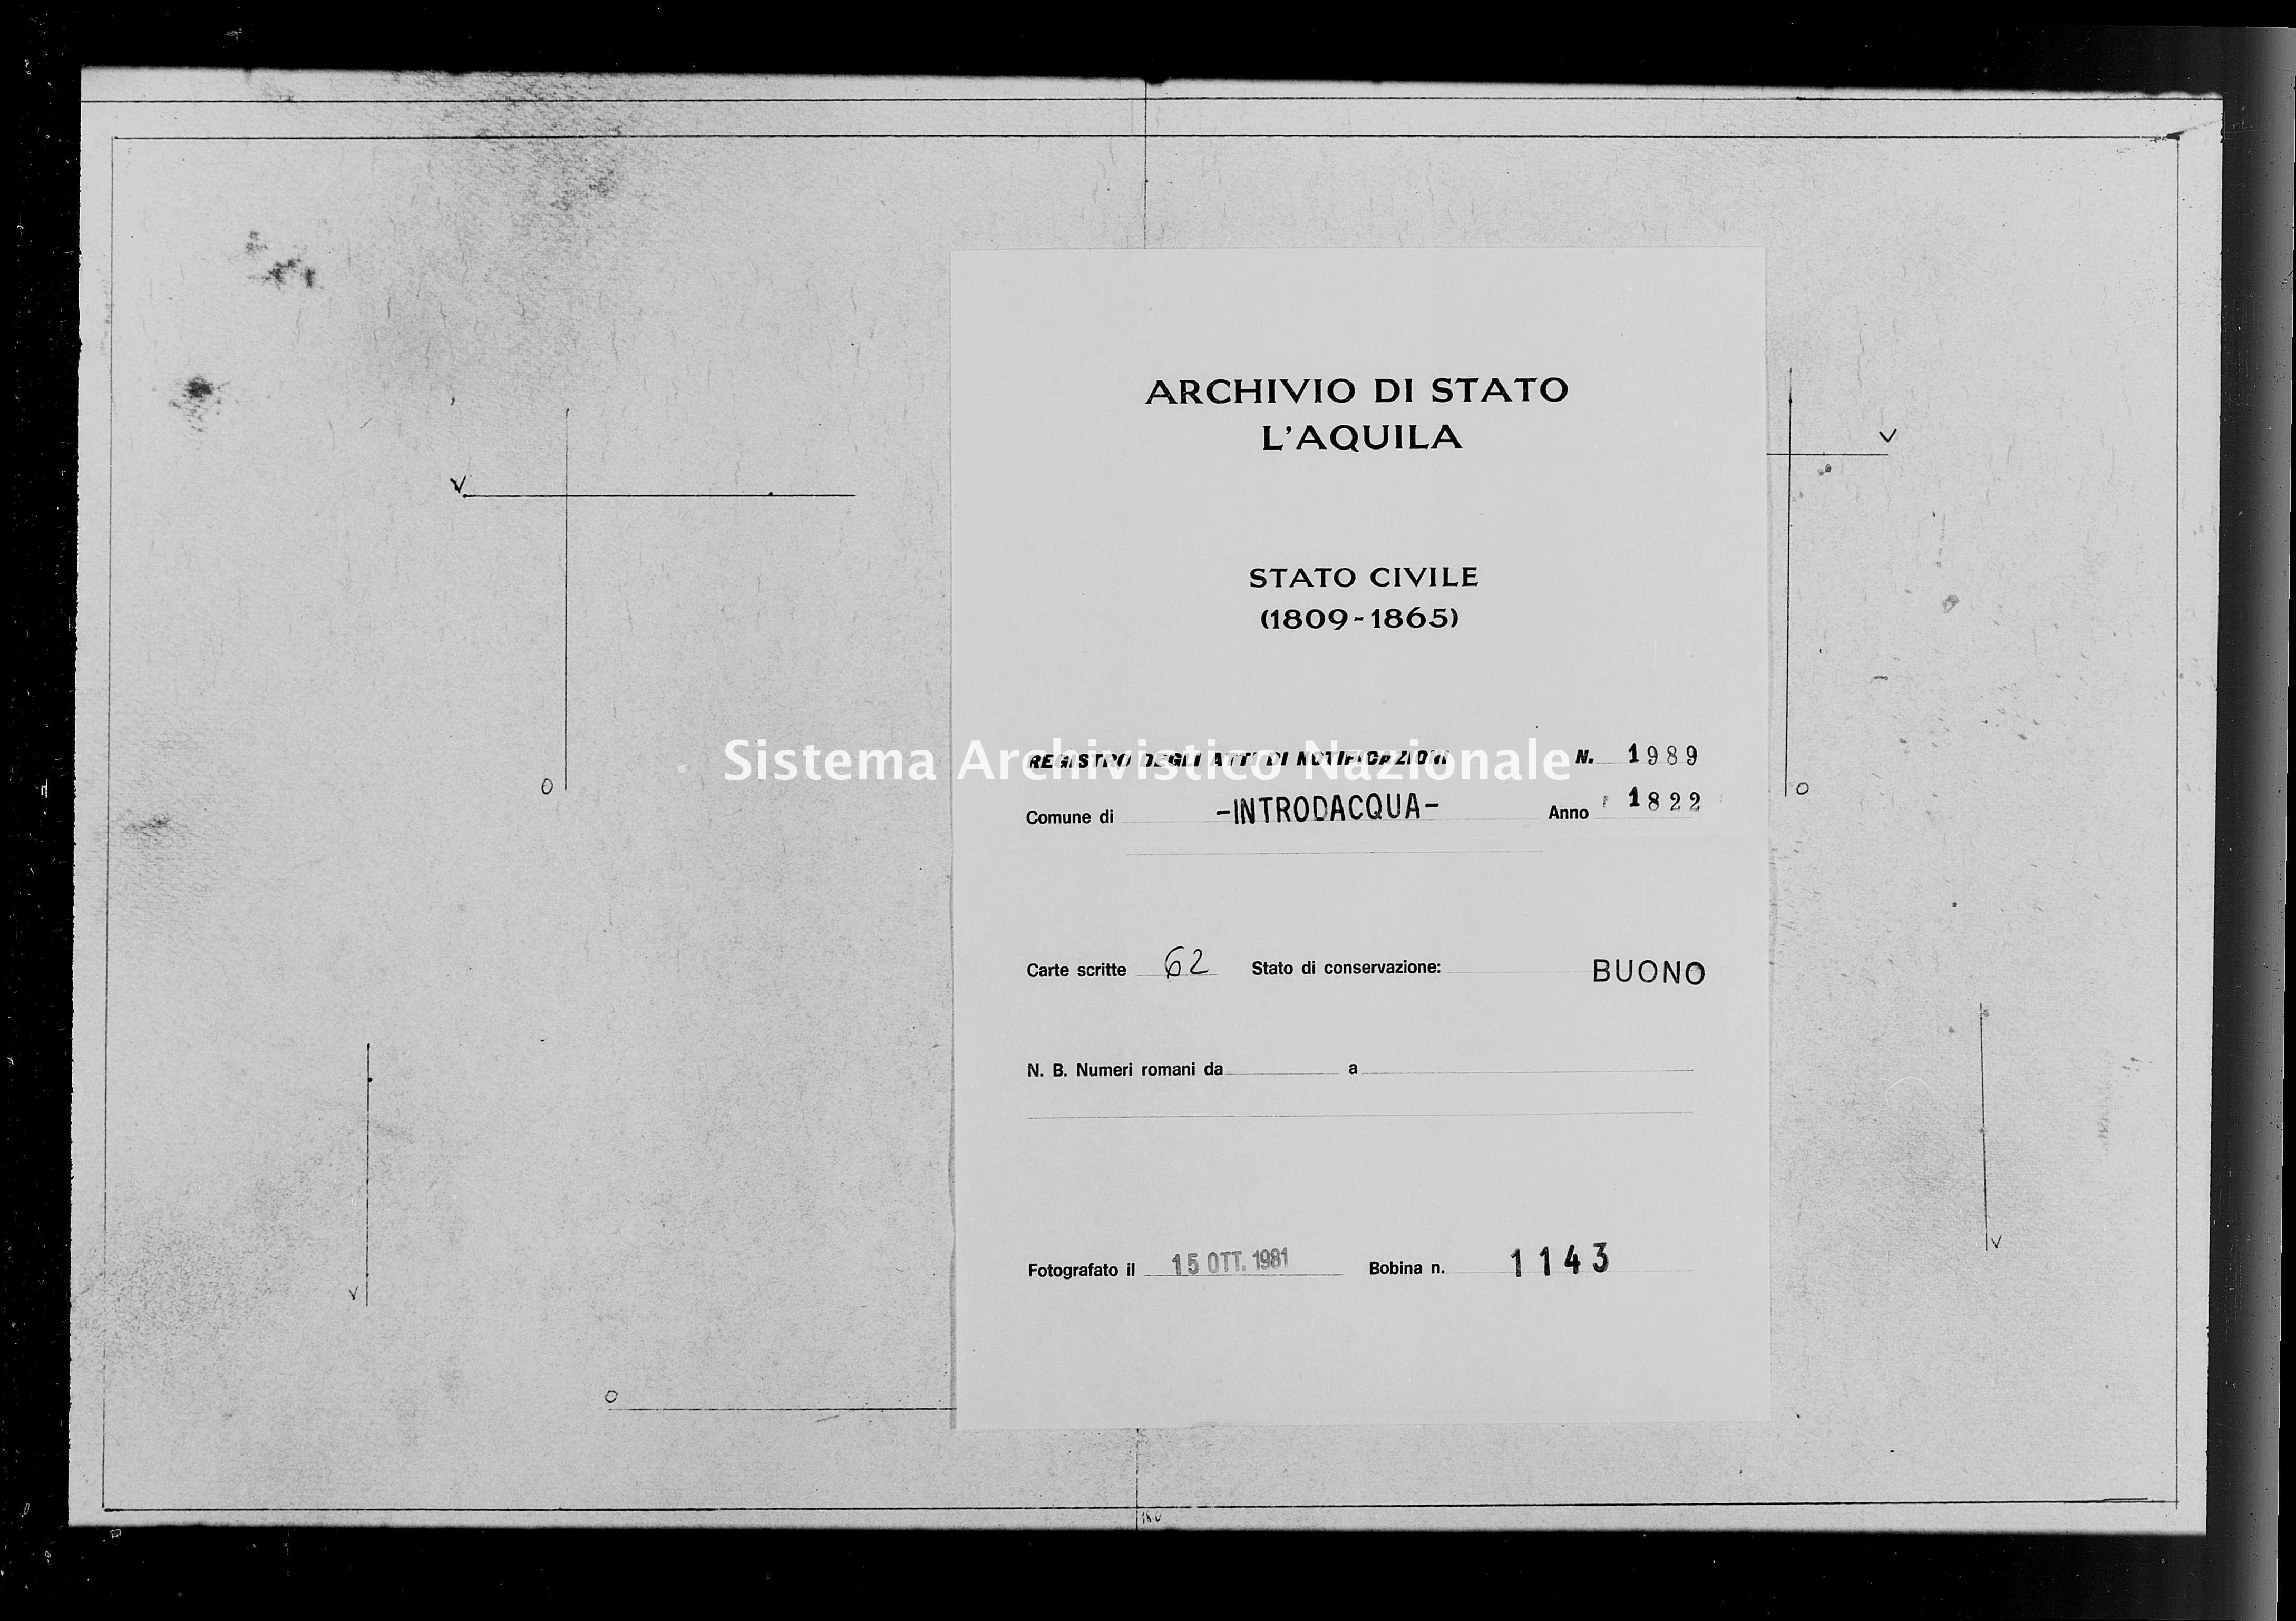 Archivio di stato di L'aquila - Stato civile della restaurazione - Introdacqua - Matrimoni, memorandum notificazioni ed opposizioni - 1822 - 1989 -